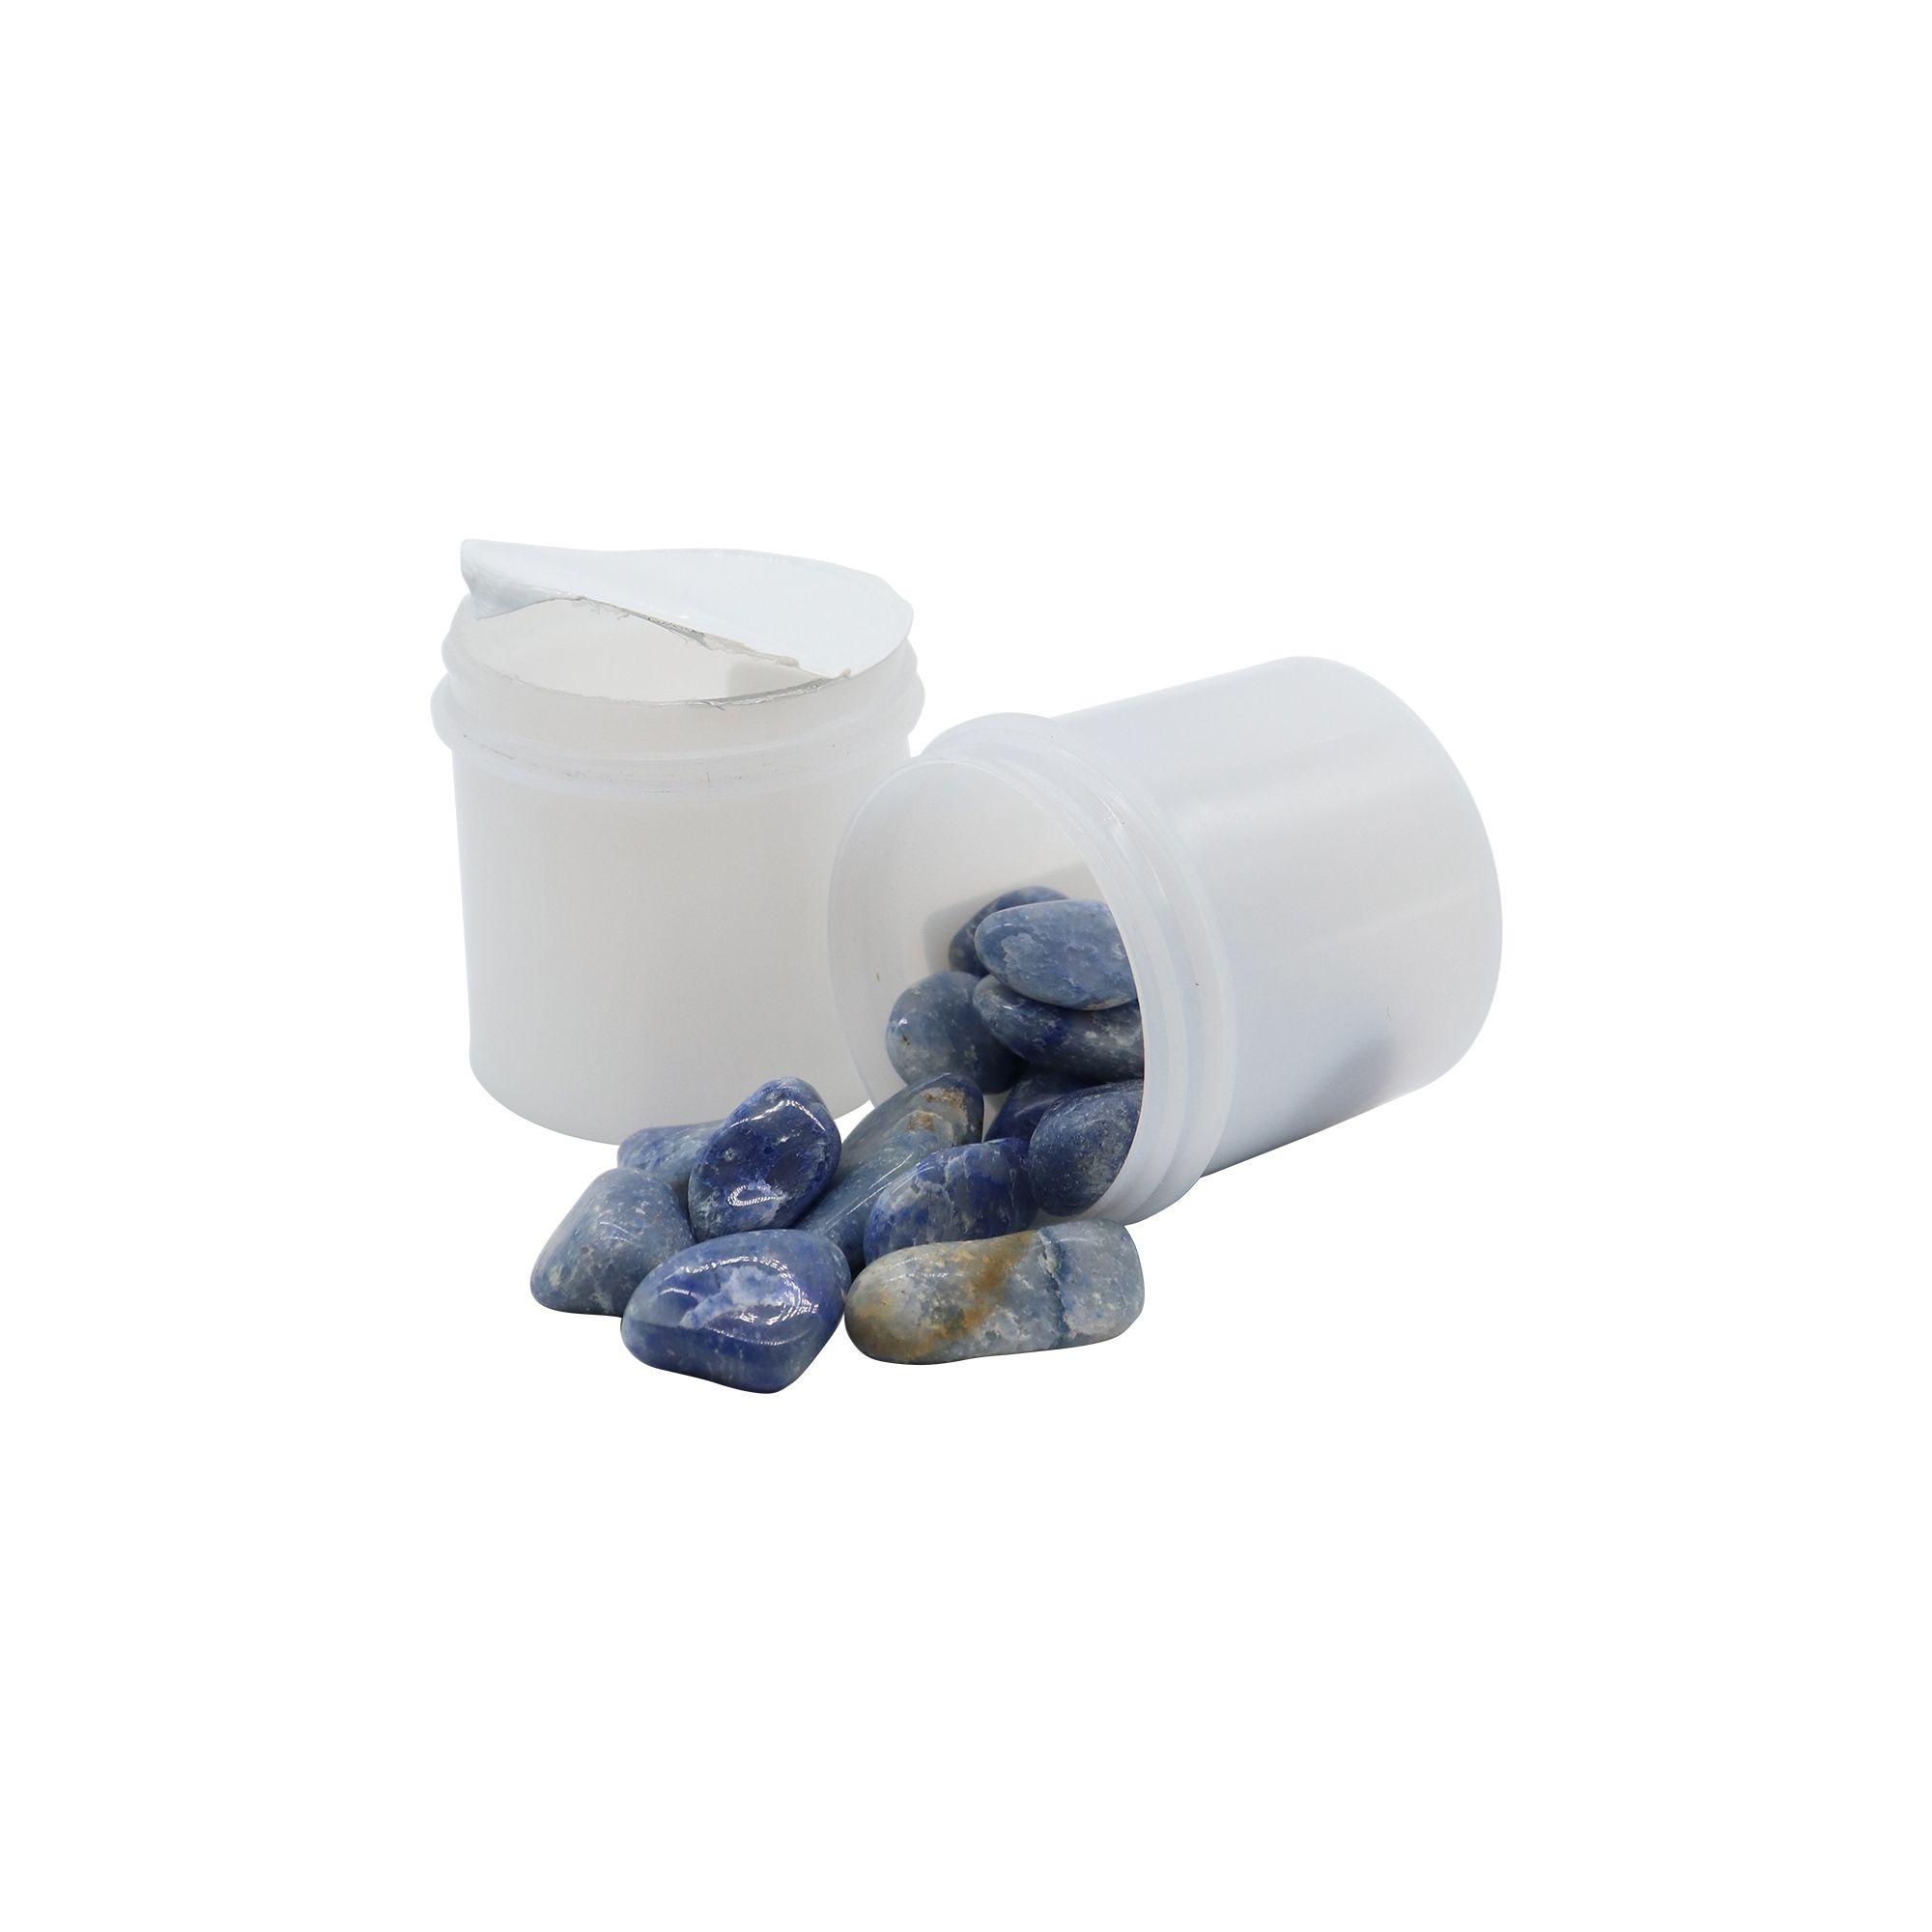 Pote de pedras quartzo azul maior 70g